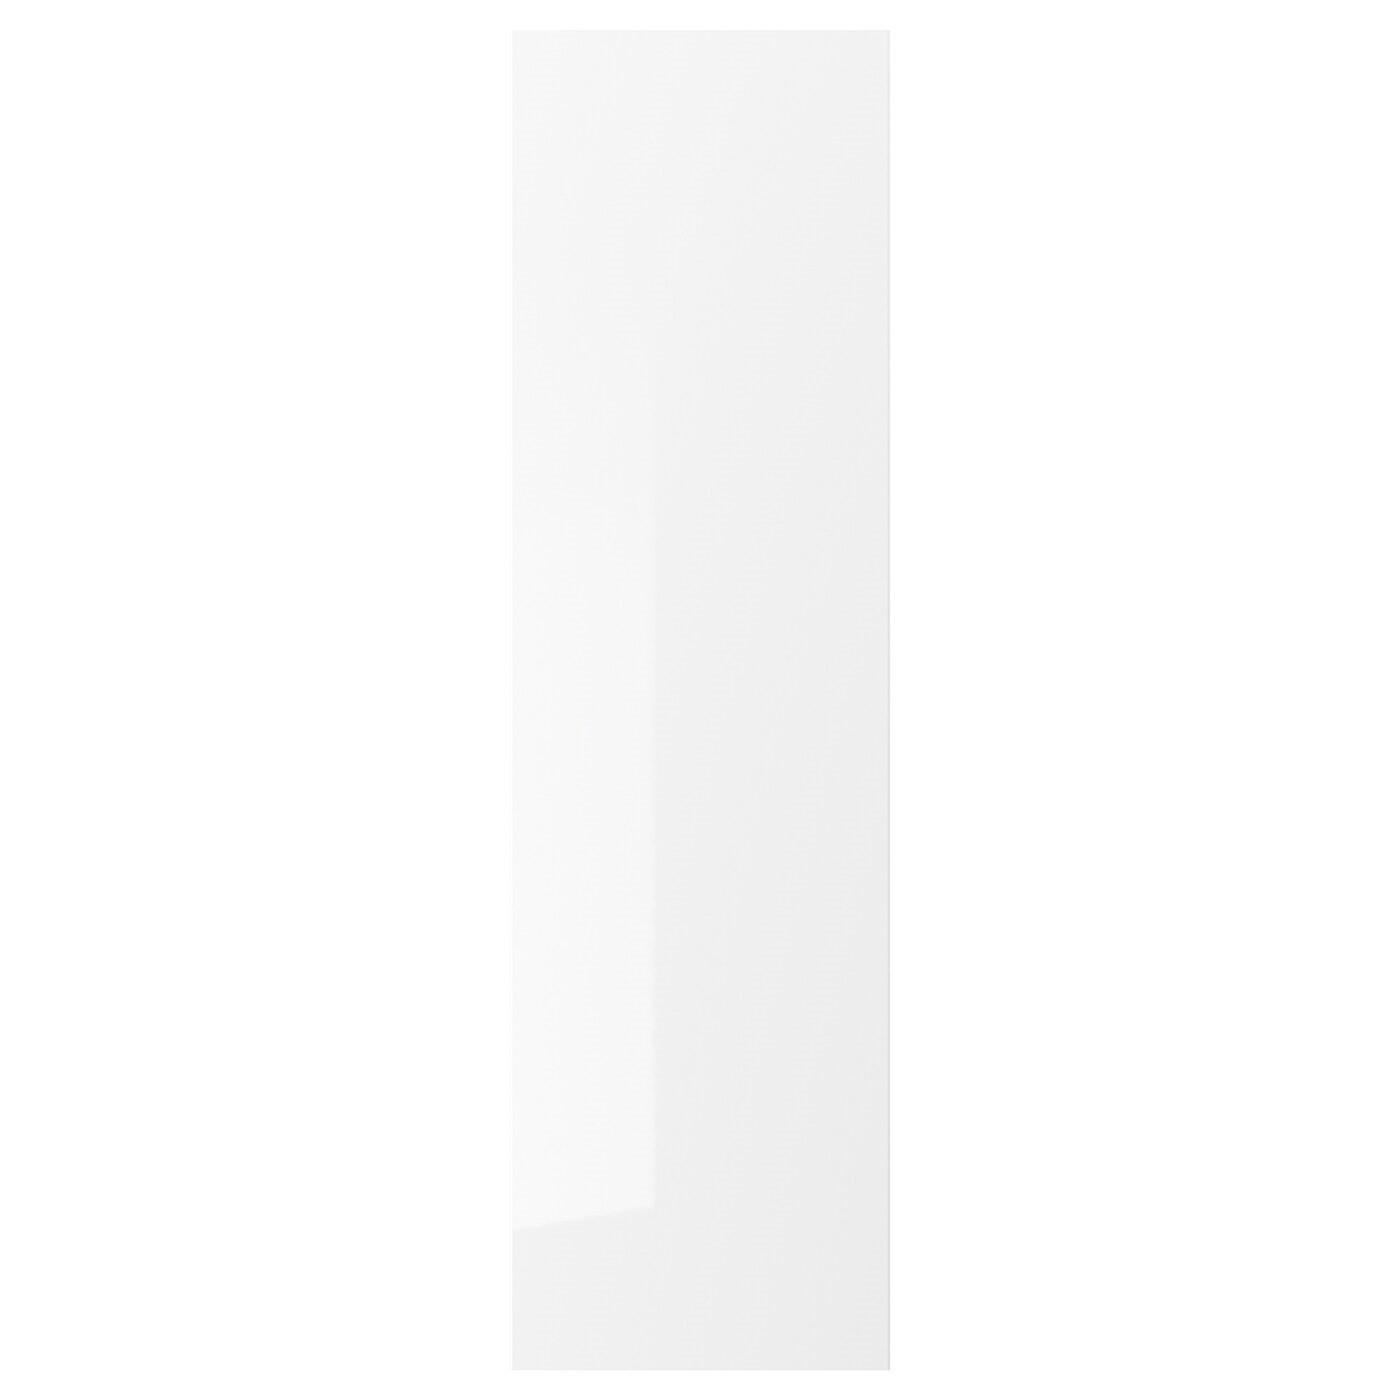 IKEA RINGHULT дверь глянцевый белый 40 x 140 см 702.050.84